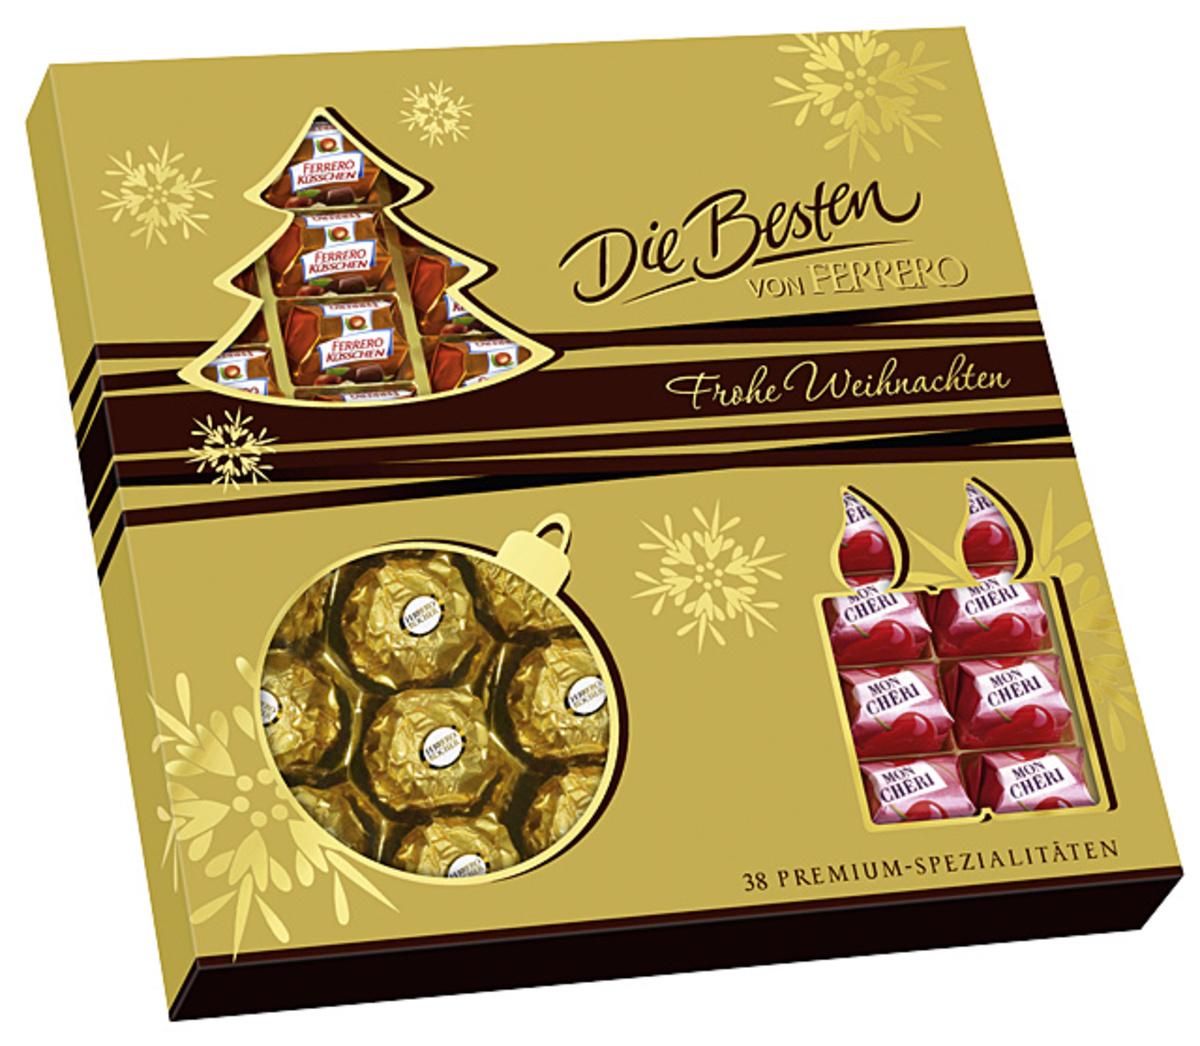 Bild 1 von Ferrero Die Besten Weihnachten 400 g